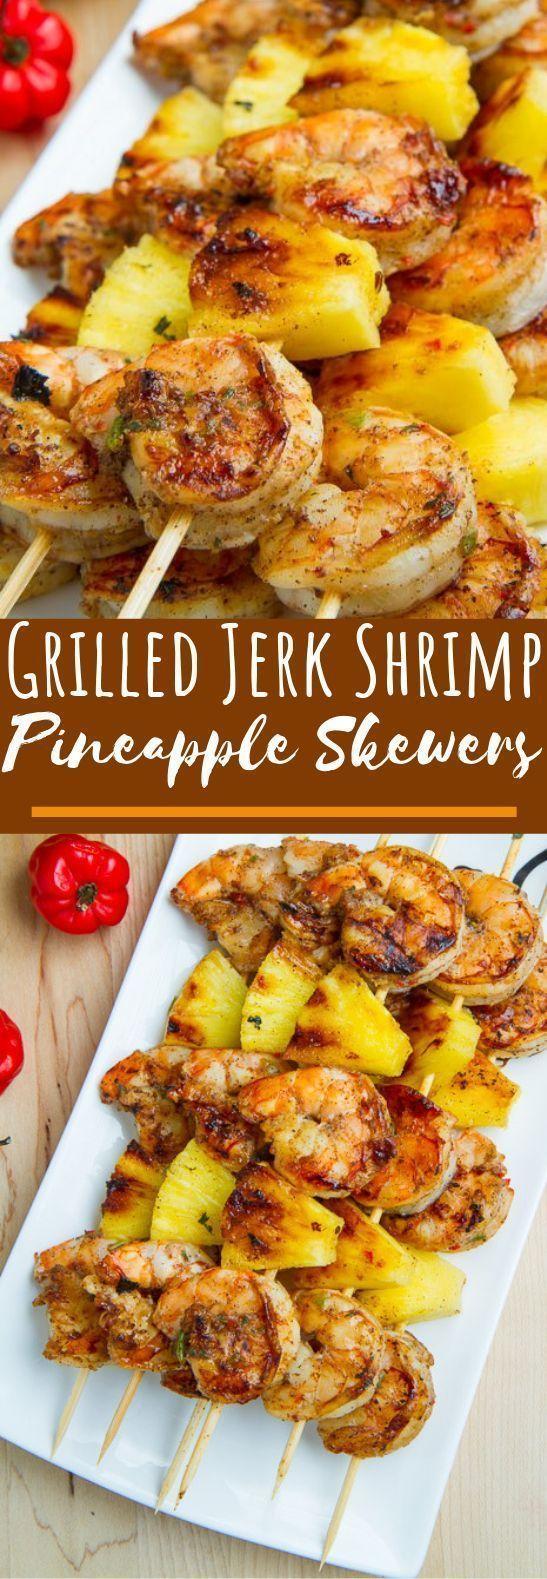 #dinner  #shrimp  #grilling  #seafoodrecipes  #skewers #Grilled #Jerk #Shrimp  Grilled Jerk Shrimp and Pineapple Skewers #jerkshrimp #dinner  #shrimp  #grilling  #seafoodrecipes  #skewers #Grilled #Jerk #Shrimp  Grilled Jerk Shrimp and Pineapple Skewers #jerkshrimp #dinner  #shrimp  #grilling  #seafoodrecipes  #skewers #Grilled #Jerk #Shrimp  Grilled Jerk Shrimp and Pineapple Skewers #jerkshrimp #dinner  #shrimp  #grilling  #seafoodrecipes  #skewers #Grilled #Jerk #Shrimp  Grilled Jerk Shrimp an #jerkshrimp